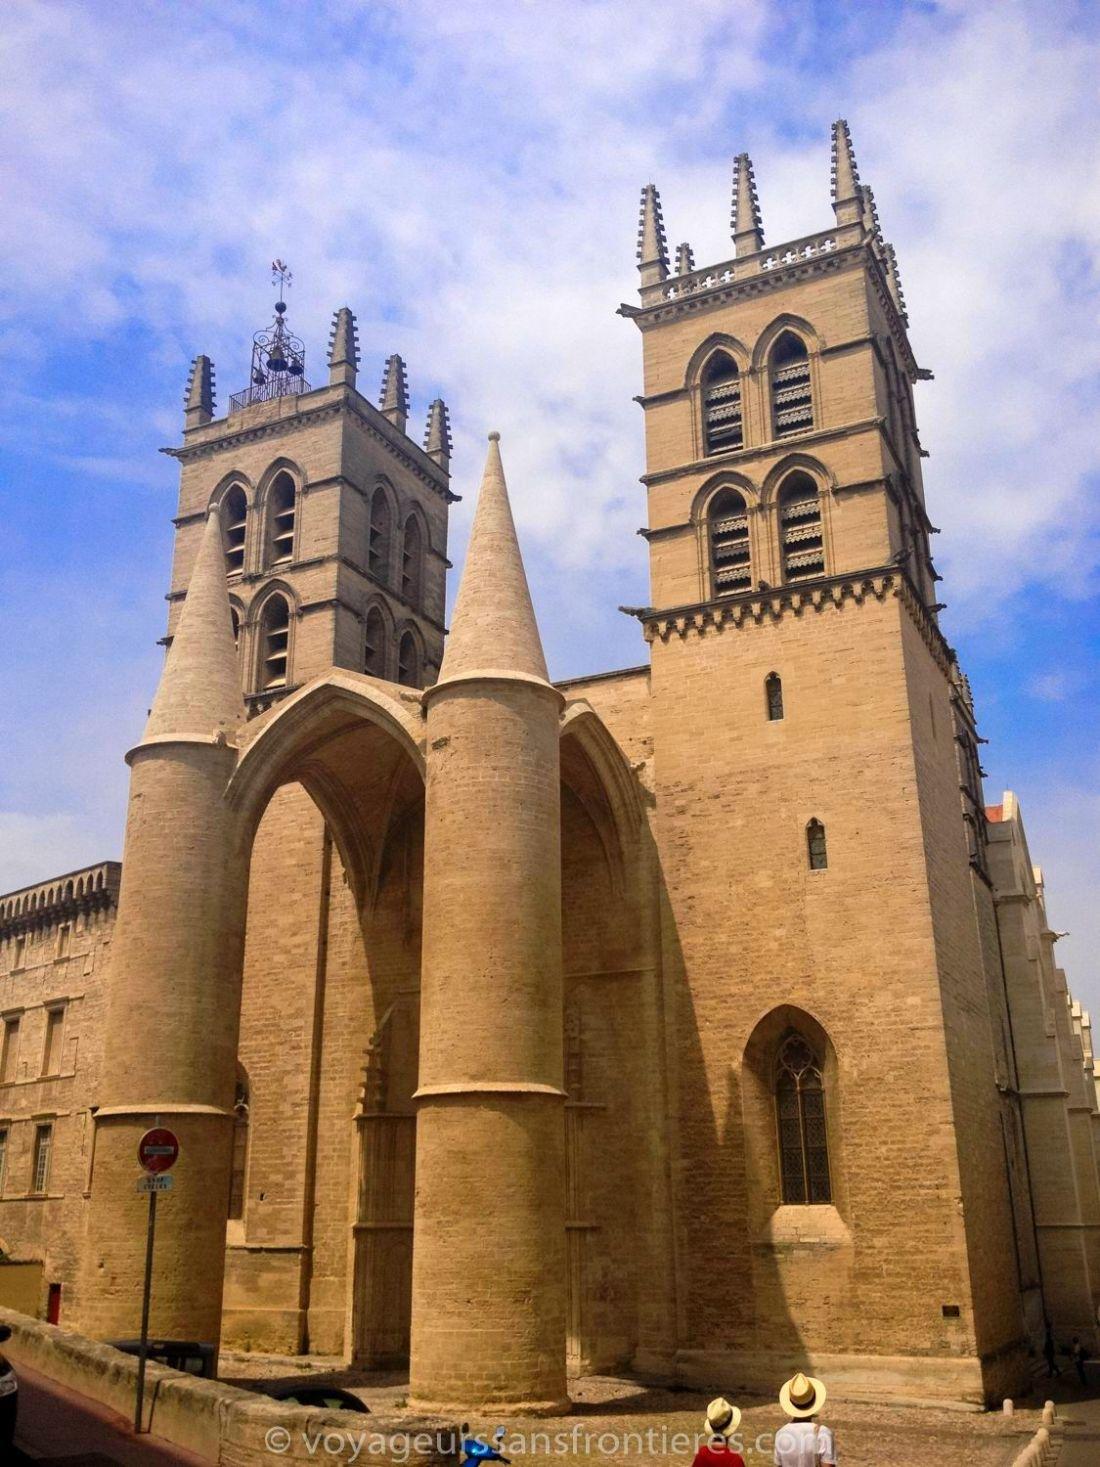 The Cathédrale Saint-Pierre - Montpellier, France